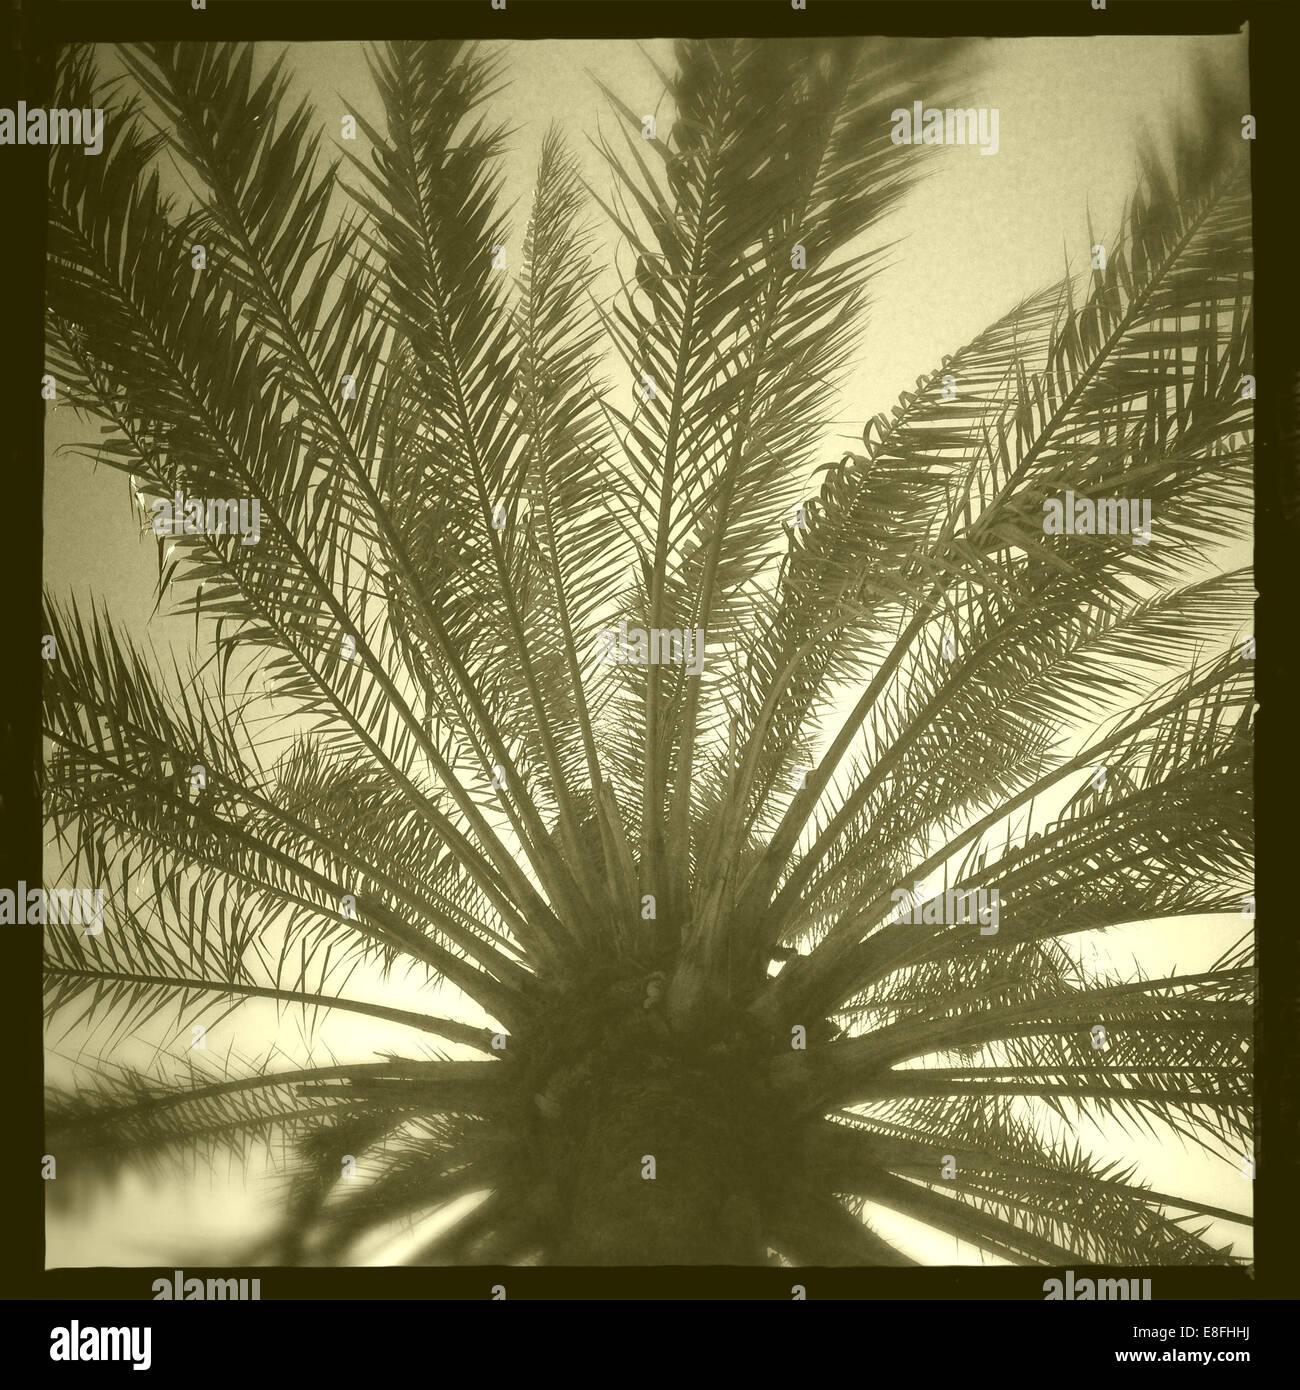 Oman, Muscat, palmier à partir de ci-dessous Photo Stock